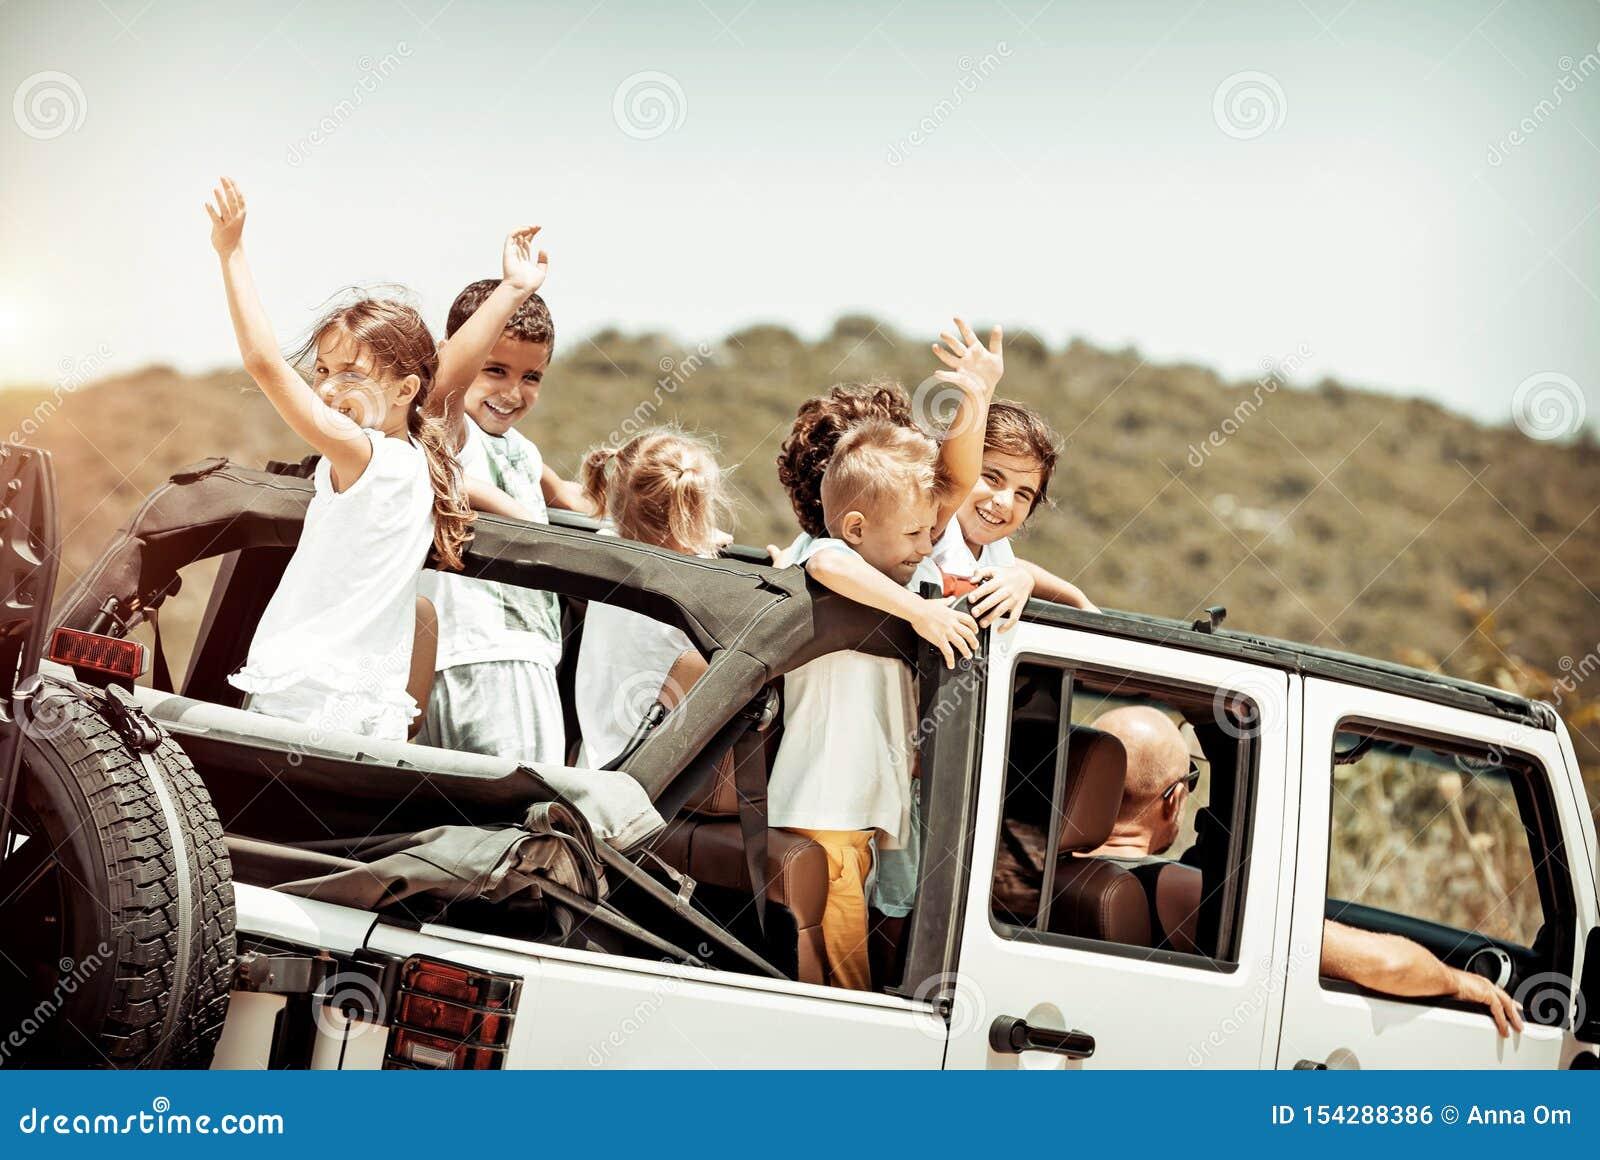 享受旅行的愉快的孩子